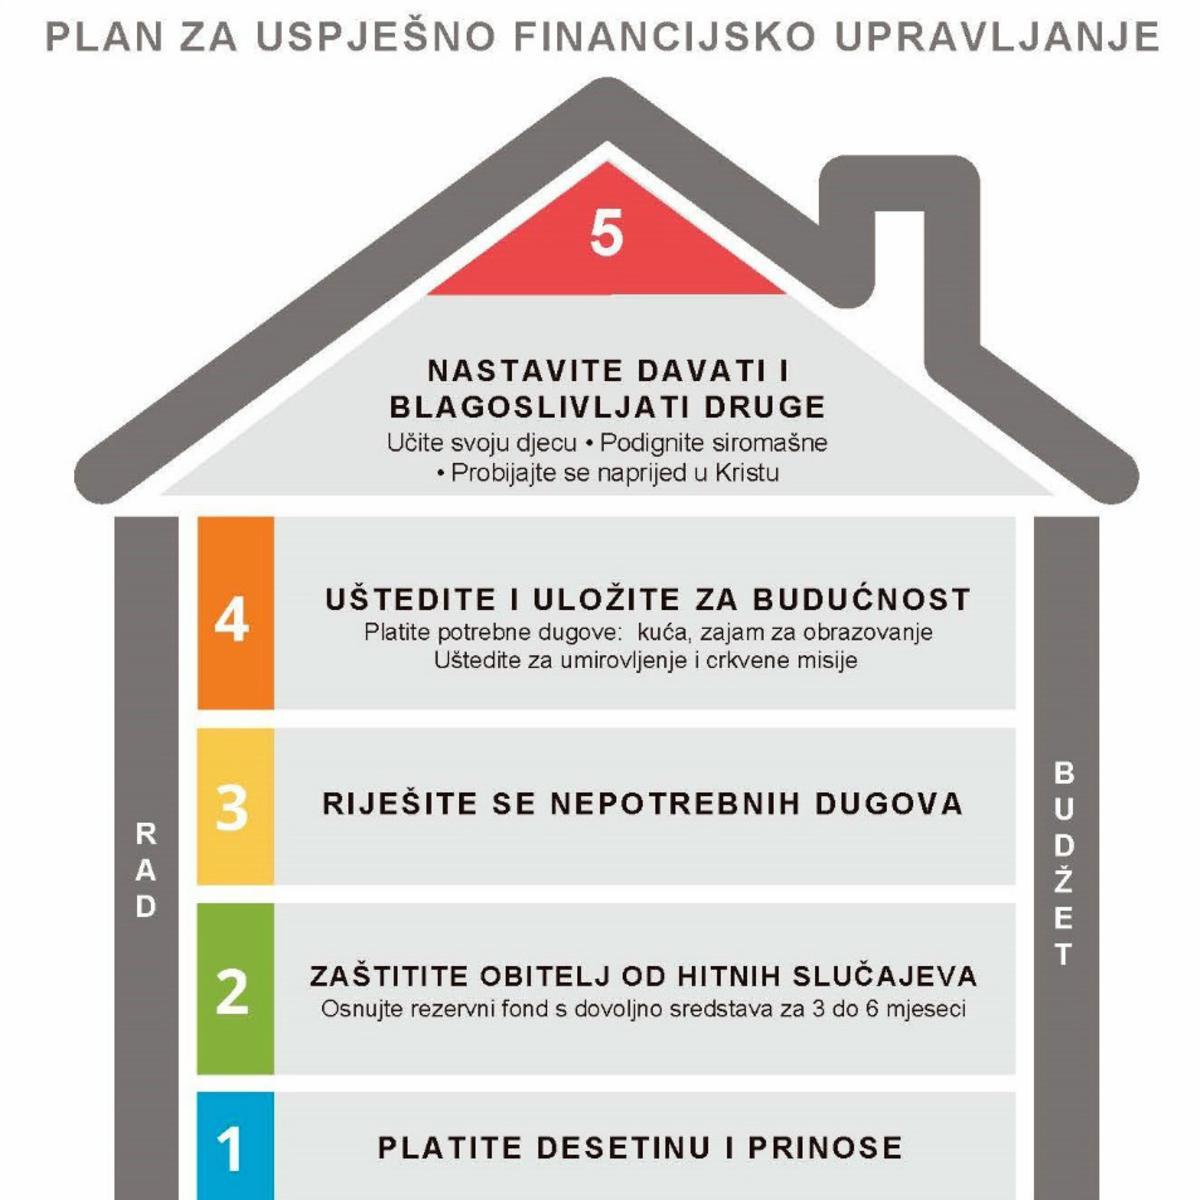 Plan za uspješno financijsko upravljanje